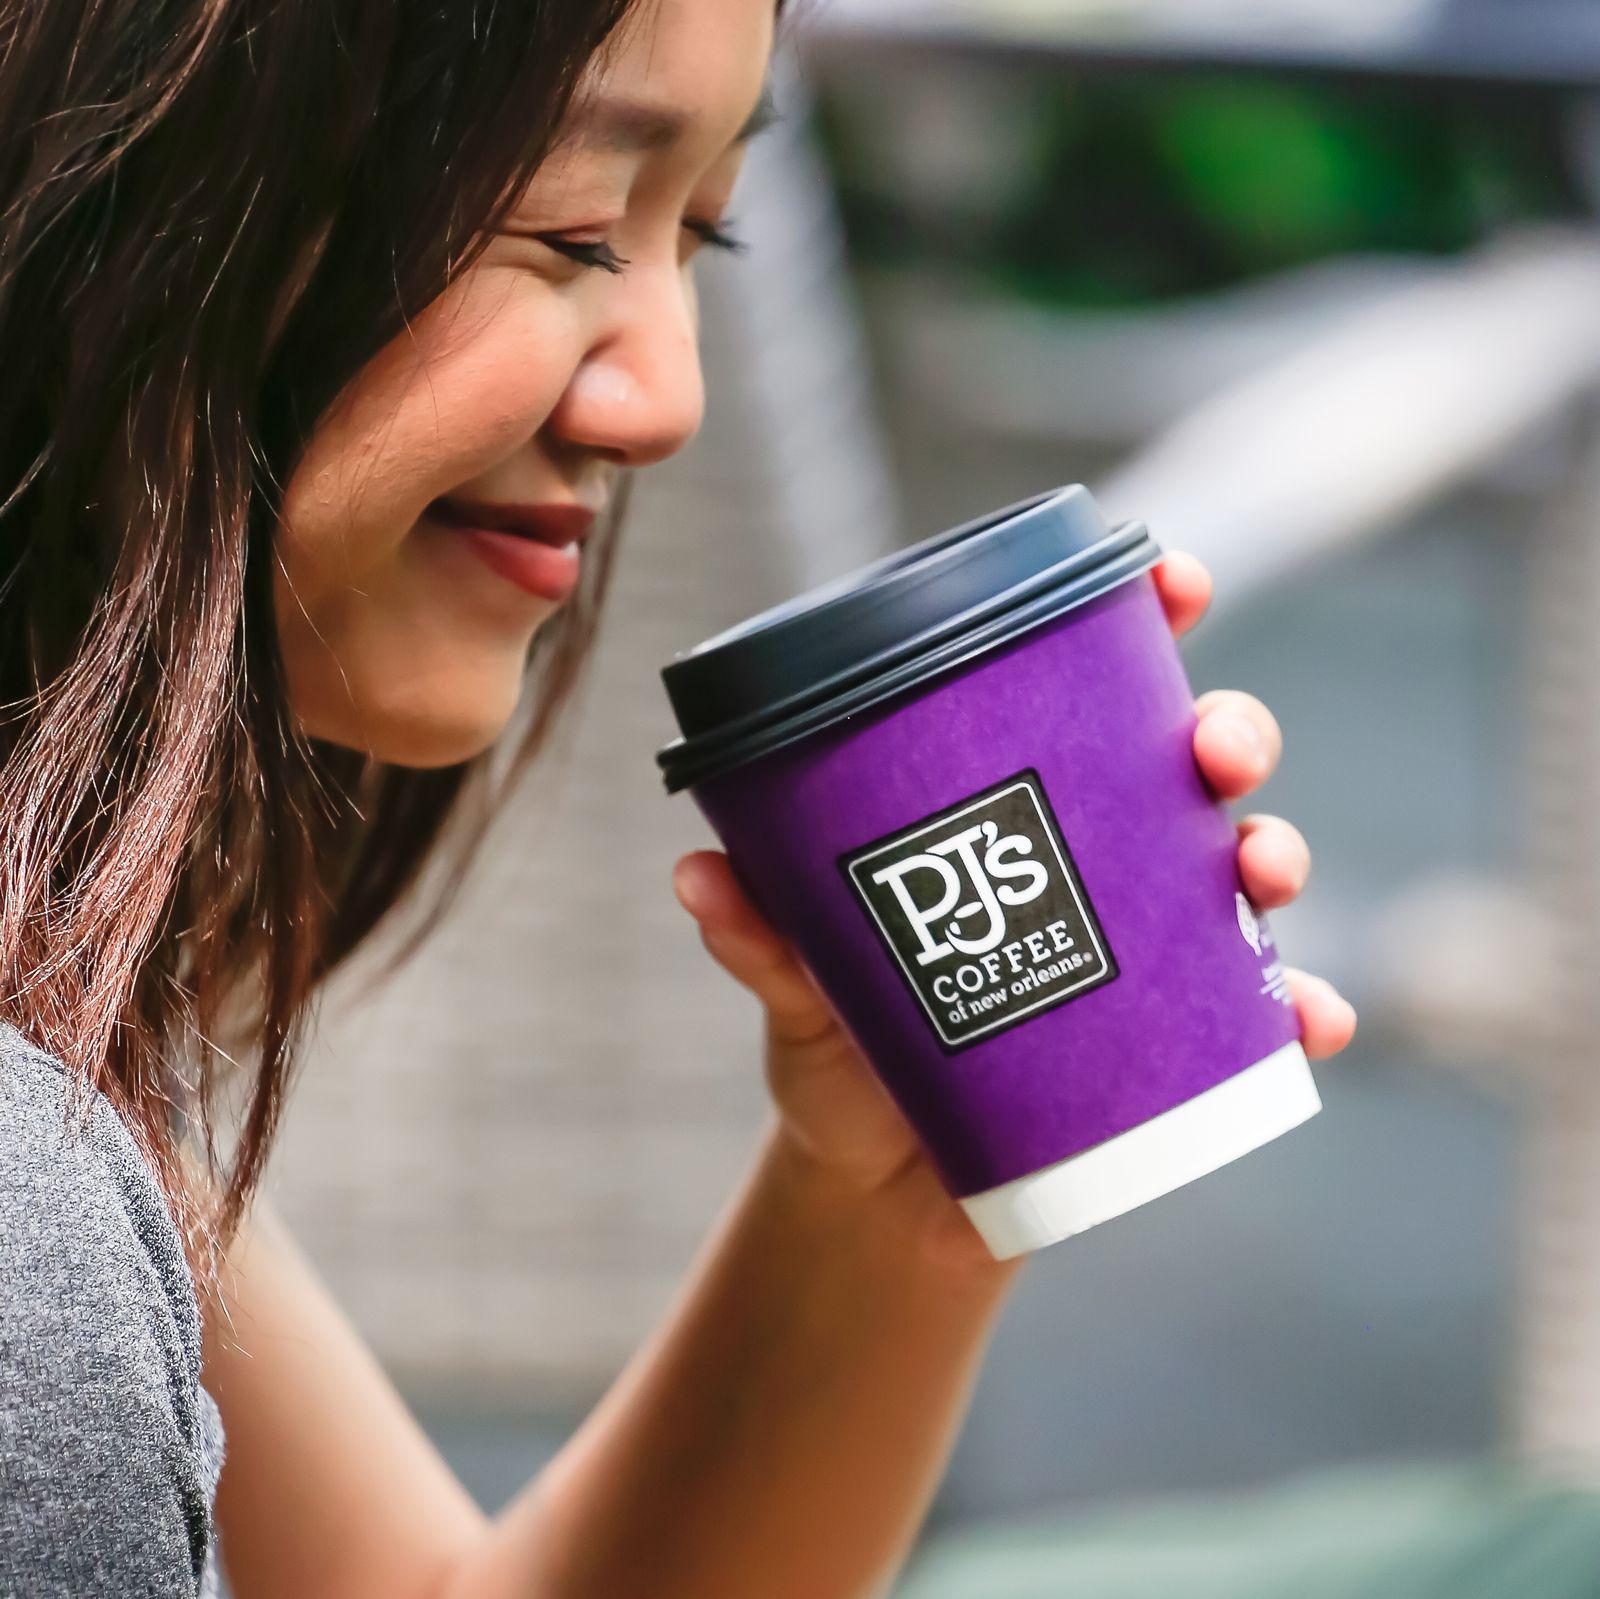 Café et commodité: pourquoi le service au volant fait toute la différence parmi les consommateurs d'aujourd'hui